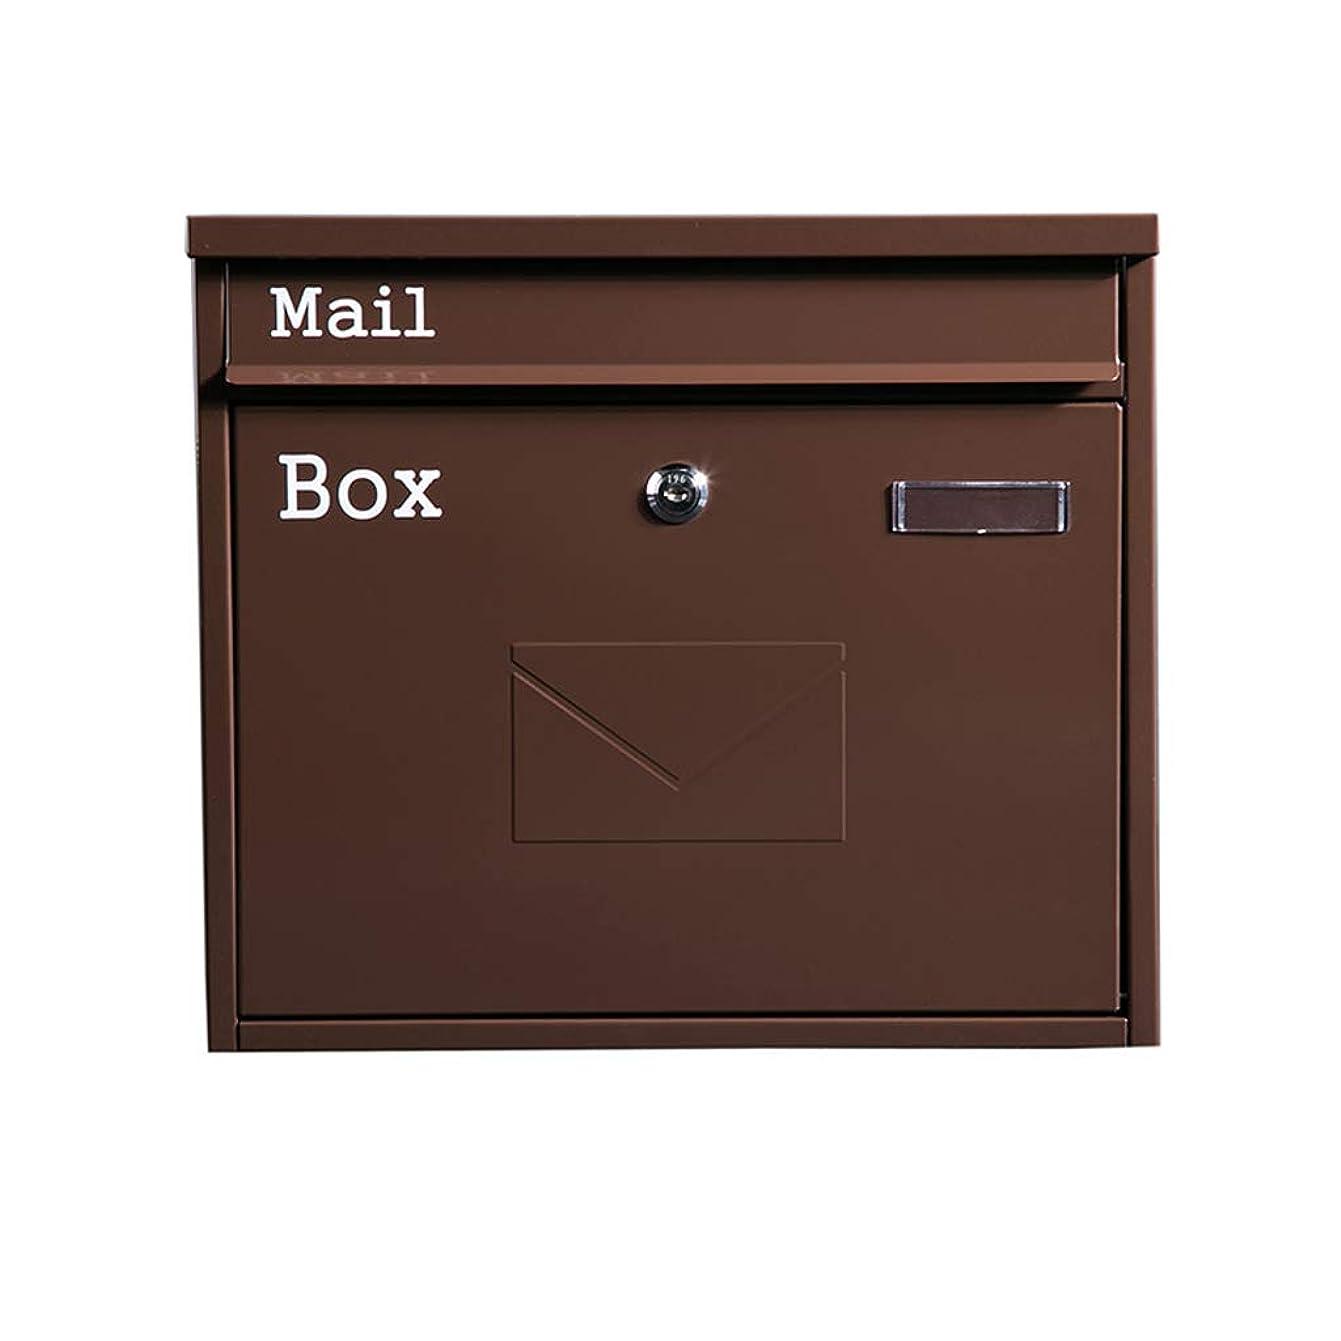 のぞき穴ブルーベルキャリアRMJAI キーロックが付いている壁に取り付けられたレターボックスの前部ローディングのメールボックス